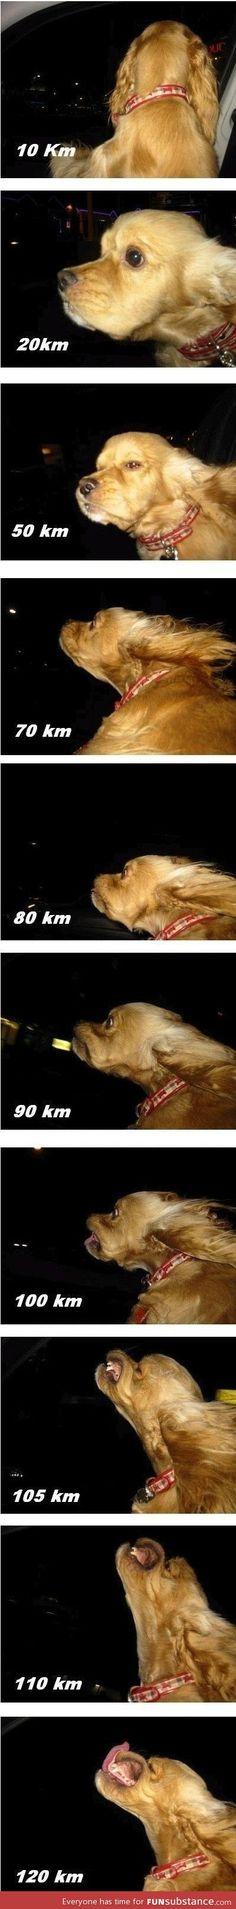 Speeding up >>> OH MY GOSH I AM DYING HAHAHAHAHAHA